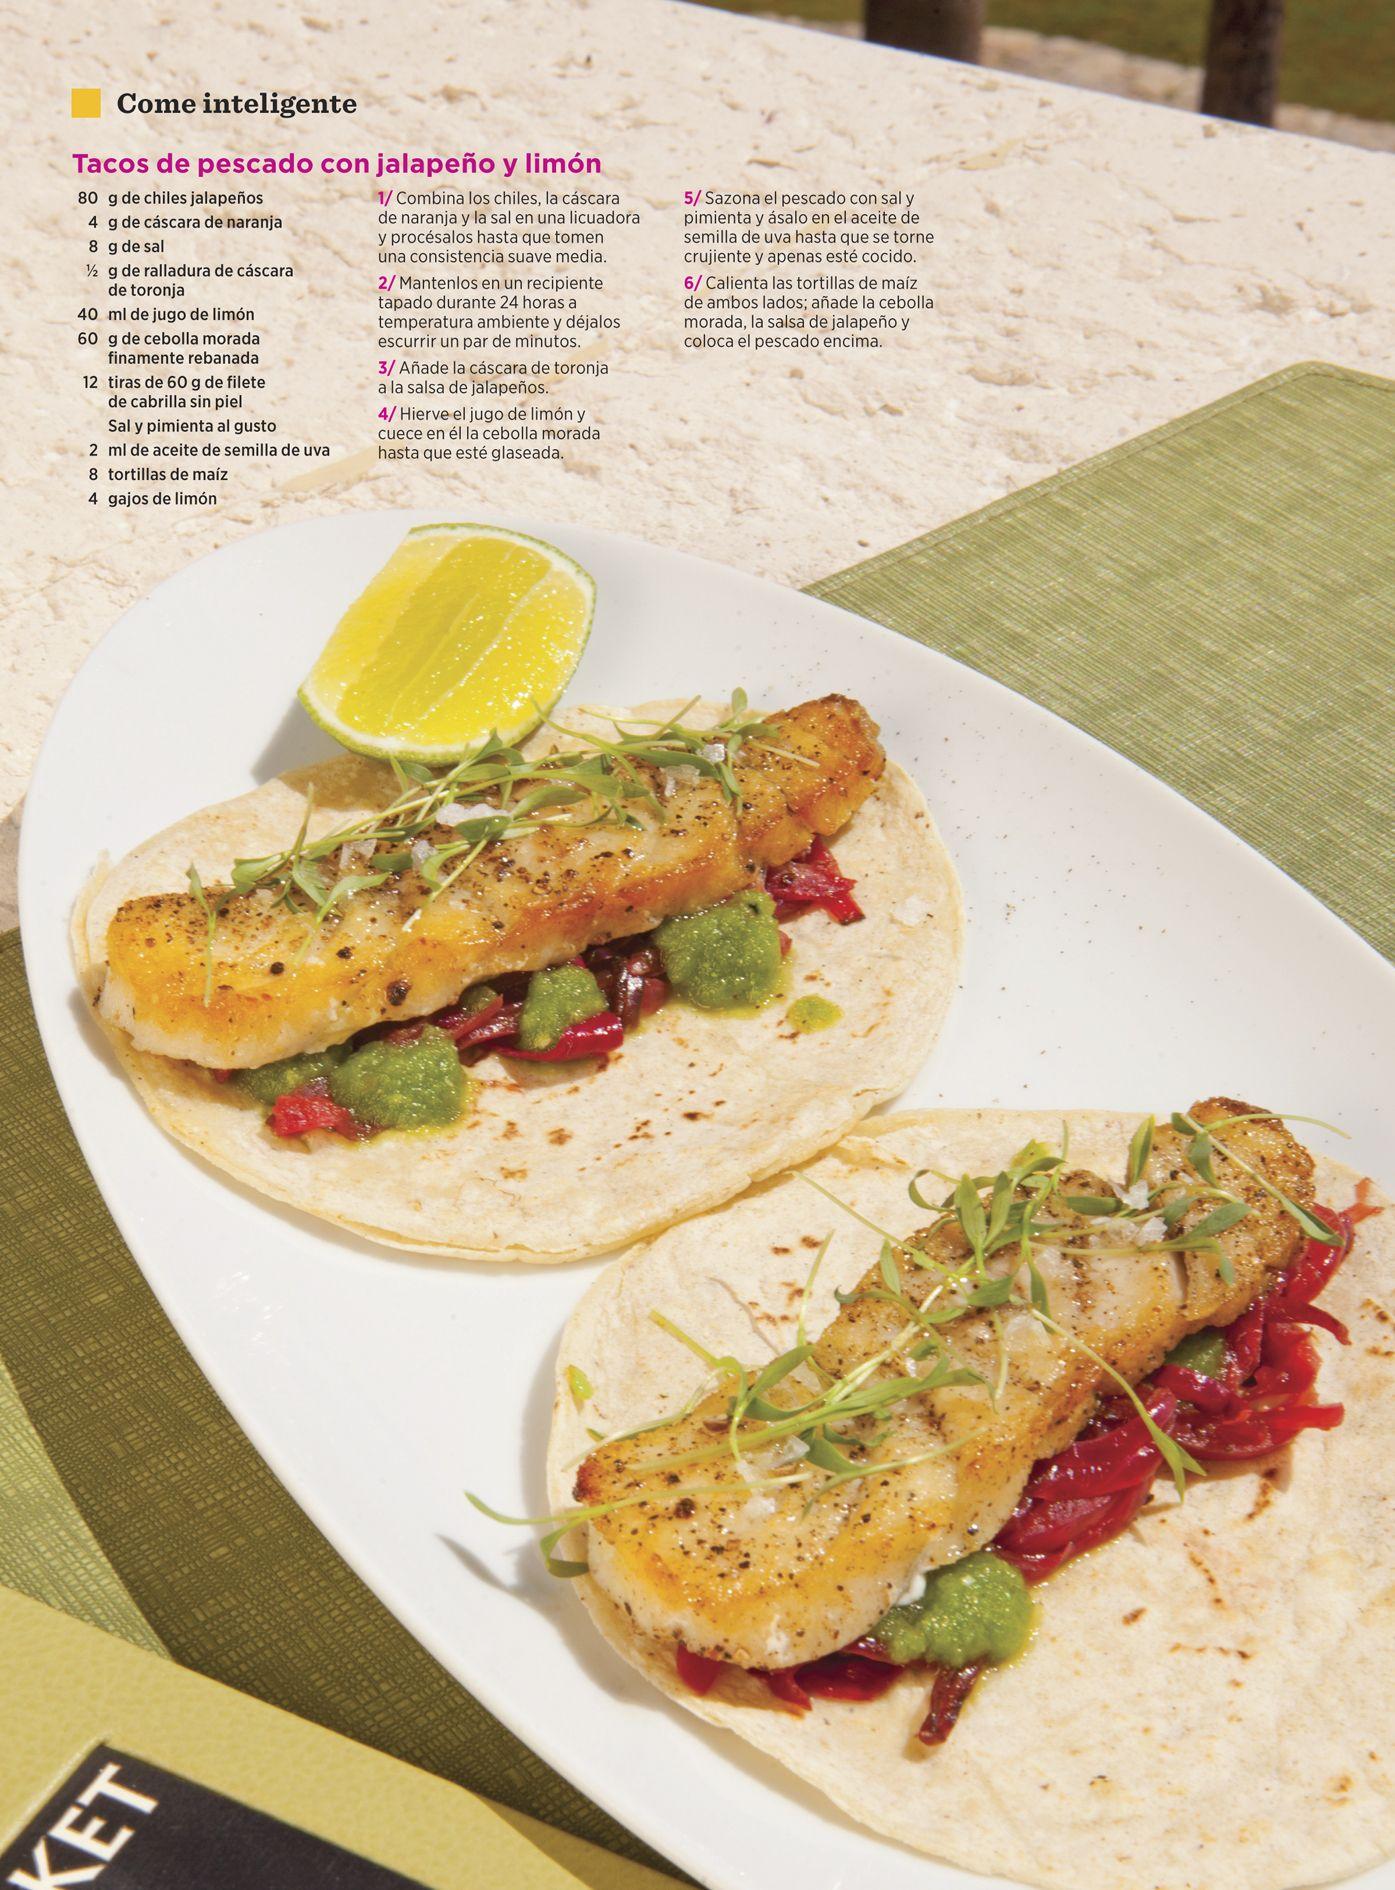 El chef Jean-Georges Vongerichten del restaurante Market, en San José del Cabo, creó esta receta de Tacos de pescado con jalapeño y limón para Women's Health.